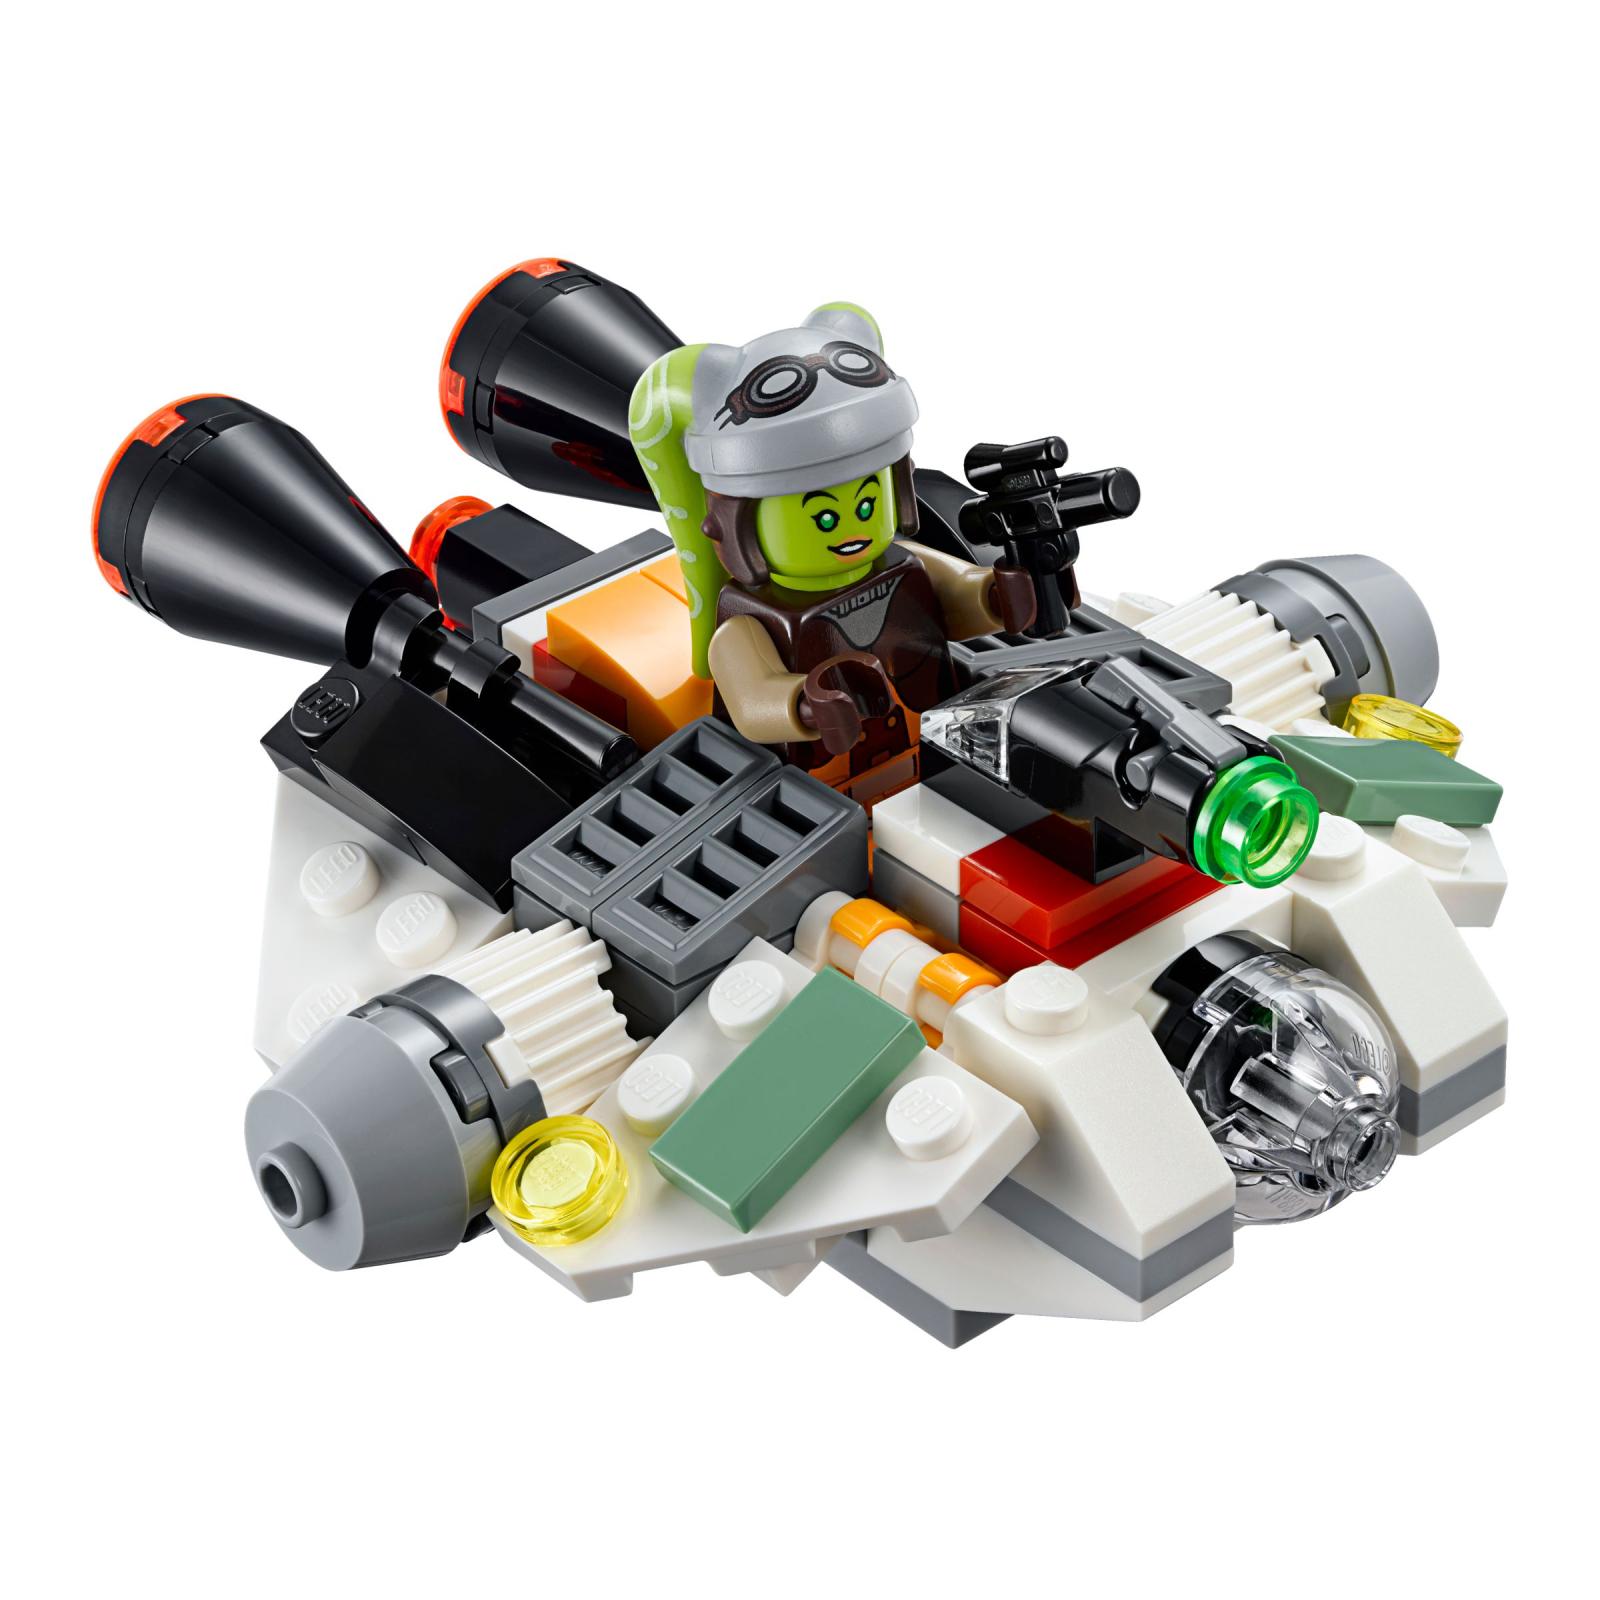 Конструктор LEGO Star Wars Призрак (75127) изображение 5